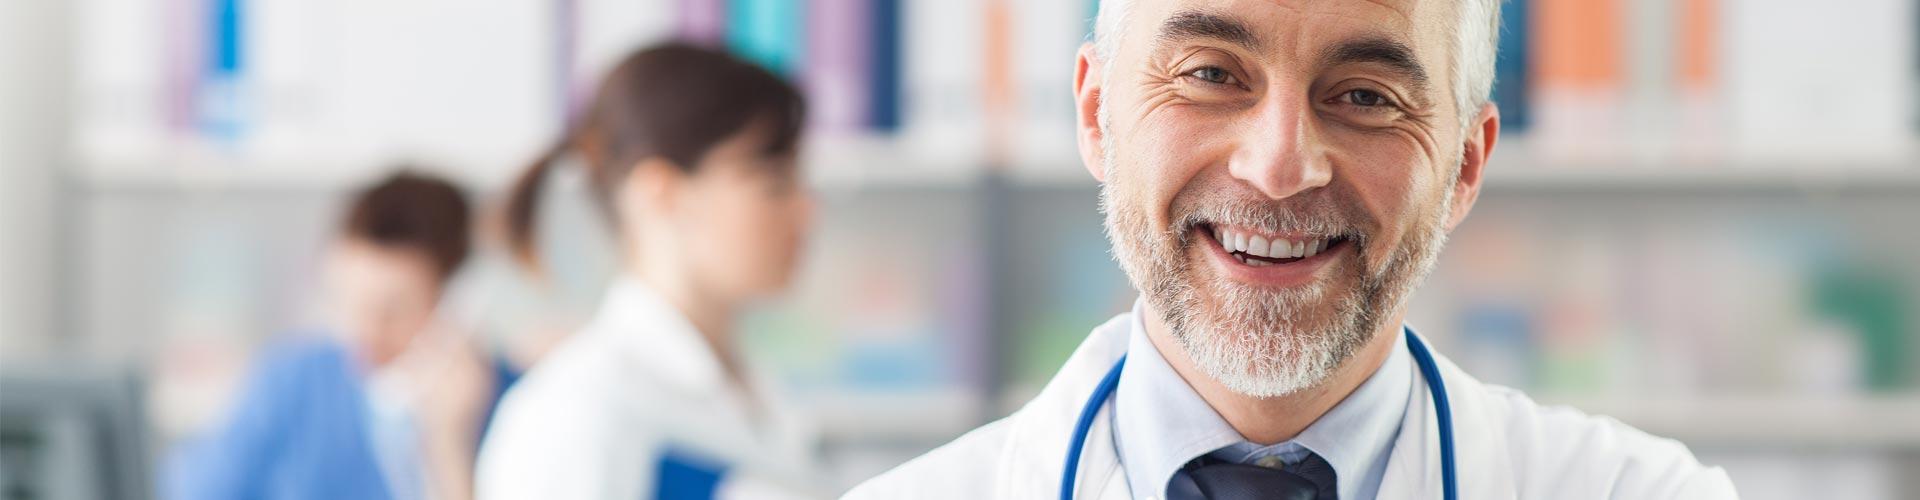 Medicina-di-gruppo-ambulatorio